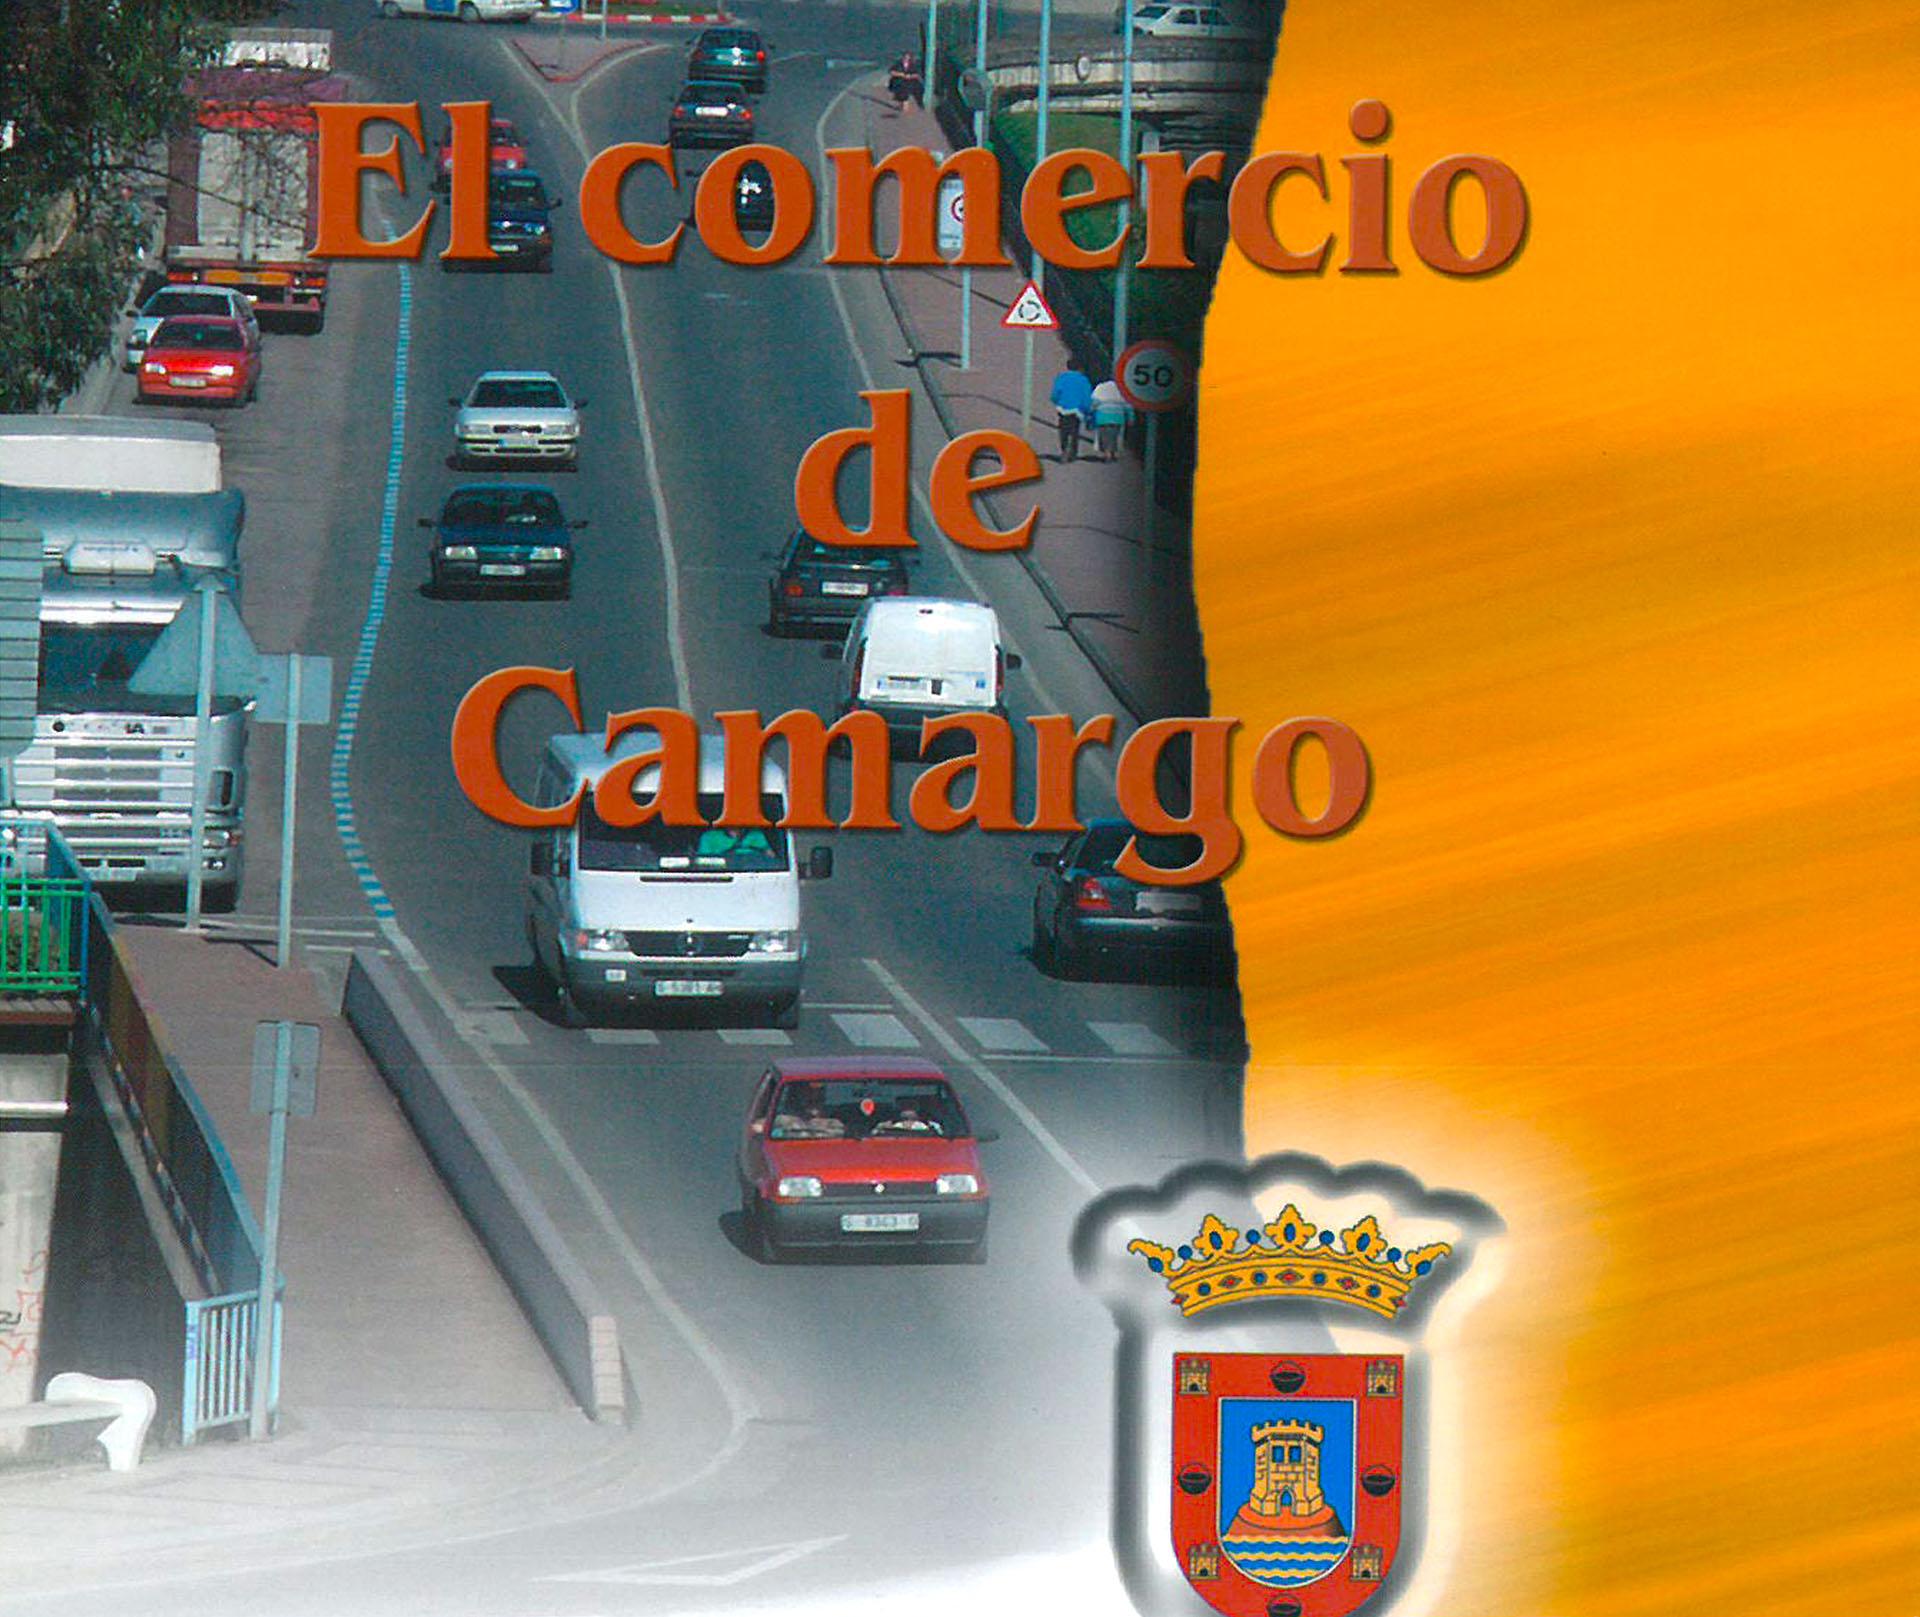 El comercio de Camargo